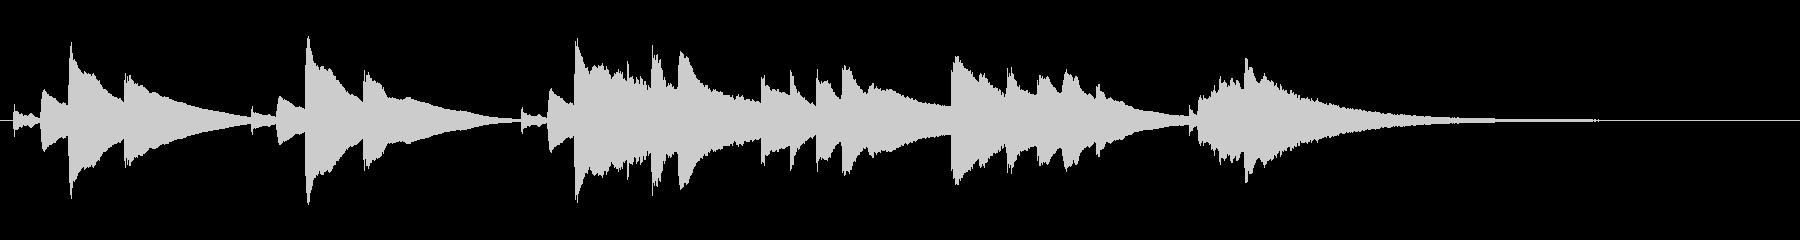 眠くなるオルゴールのBGM(30秒)の未再生の波形